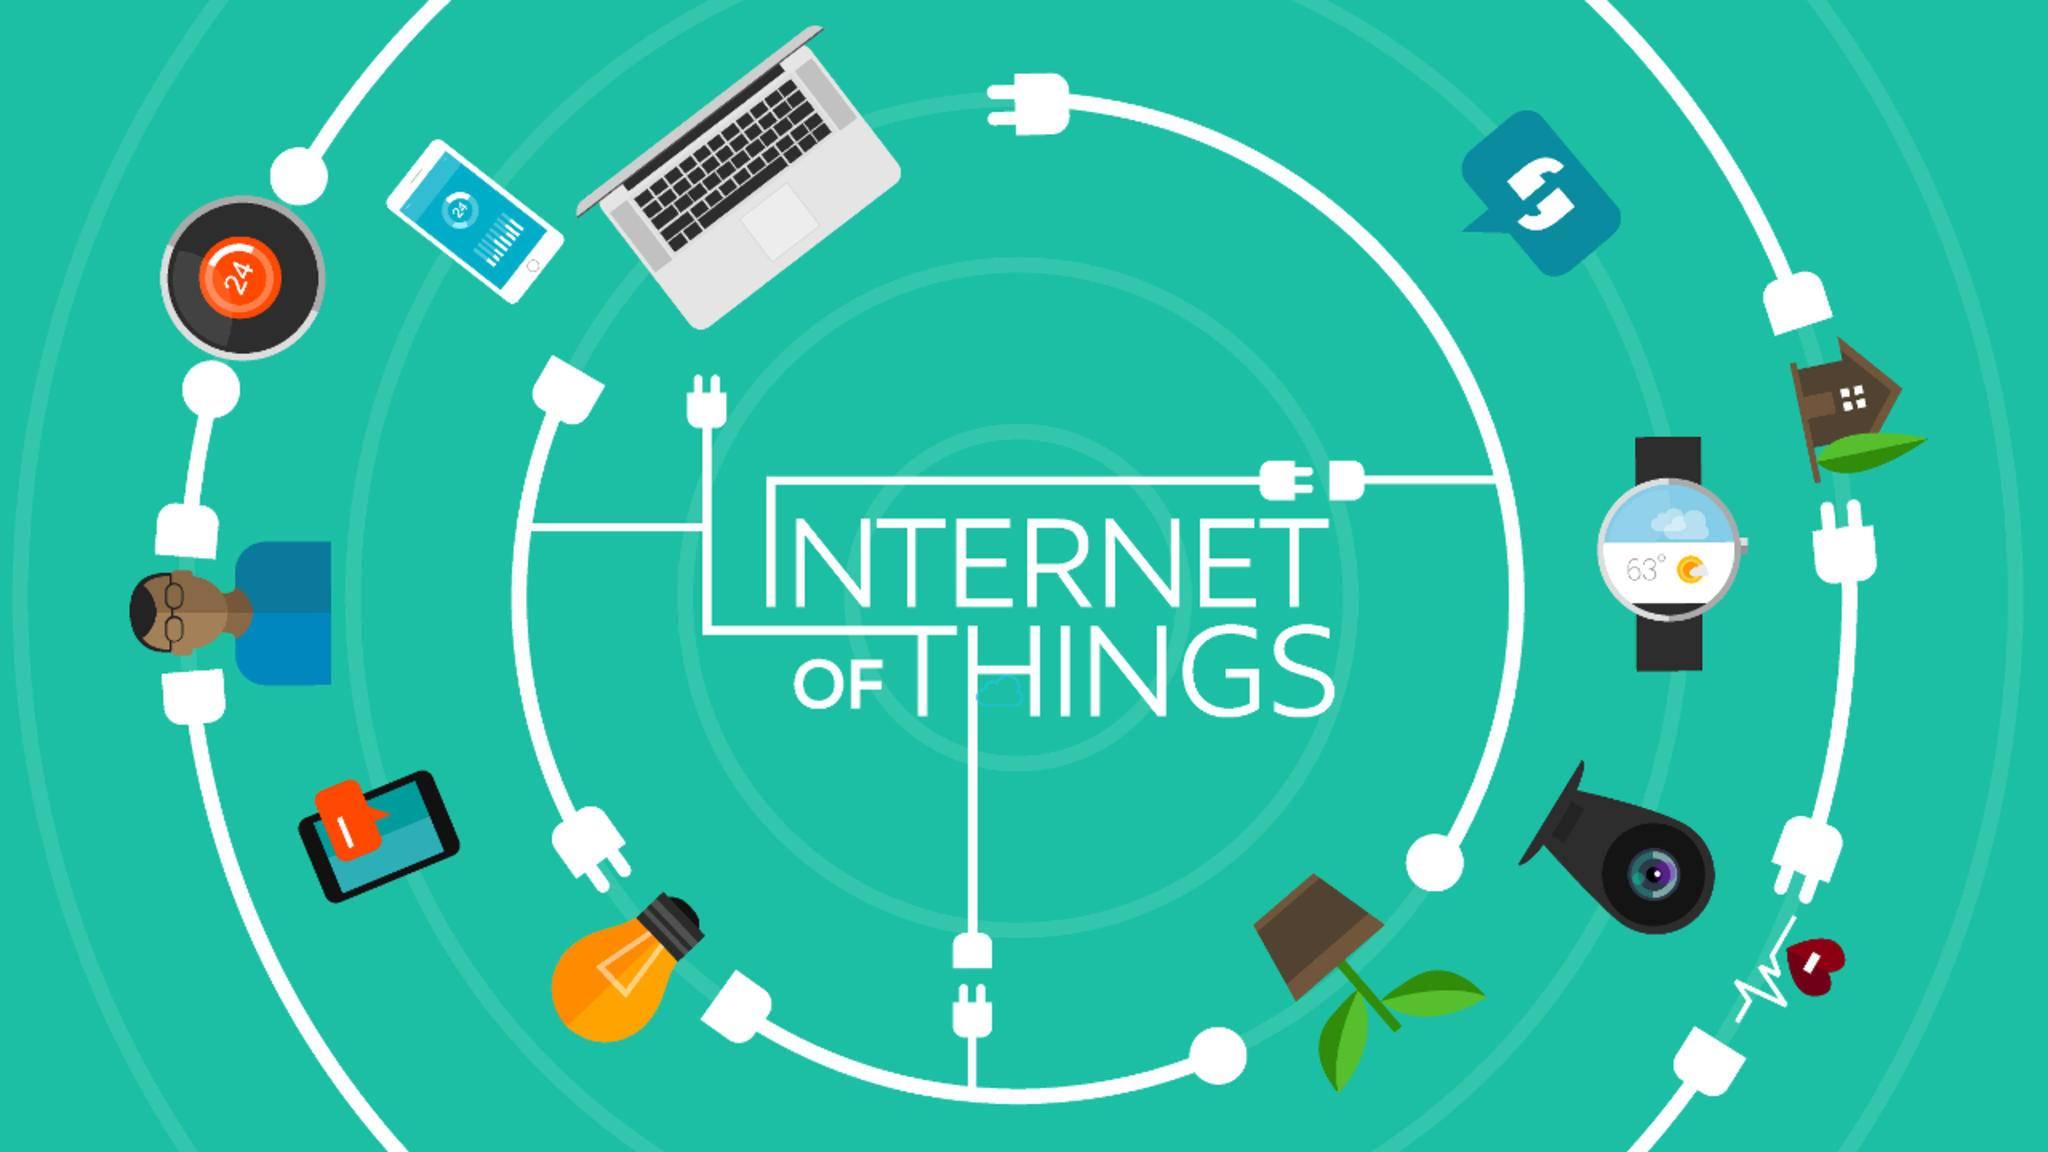 Zahlreiche IT-Größen wie Google arbeiten am Internet der Dinge